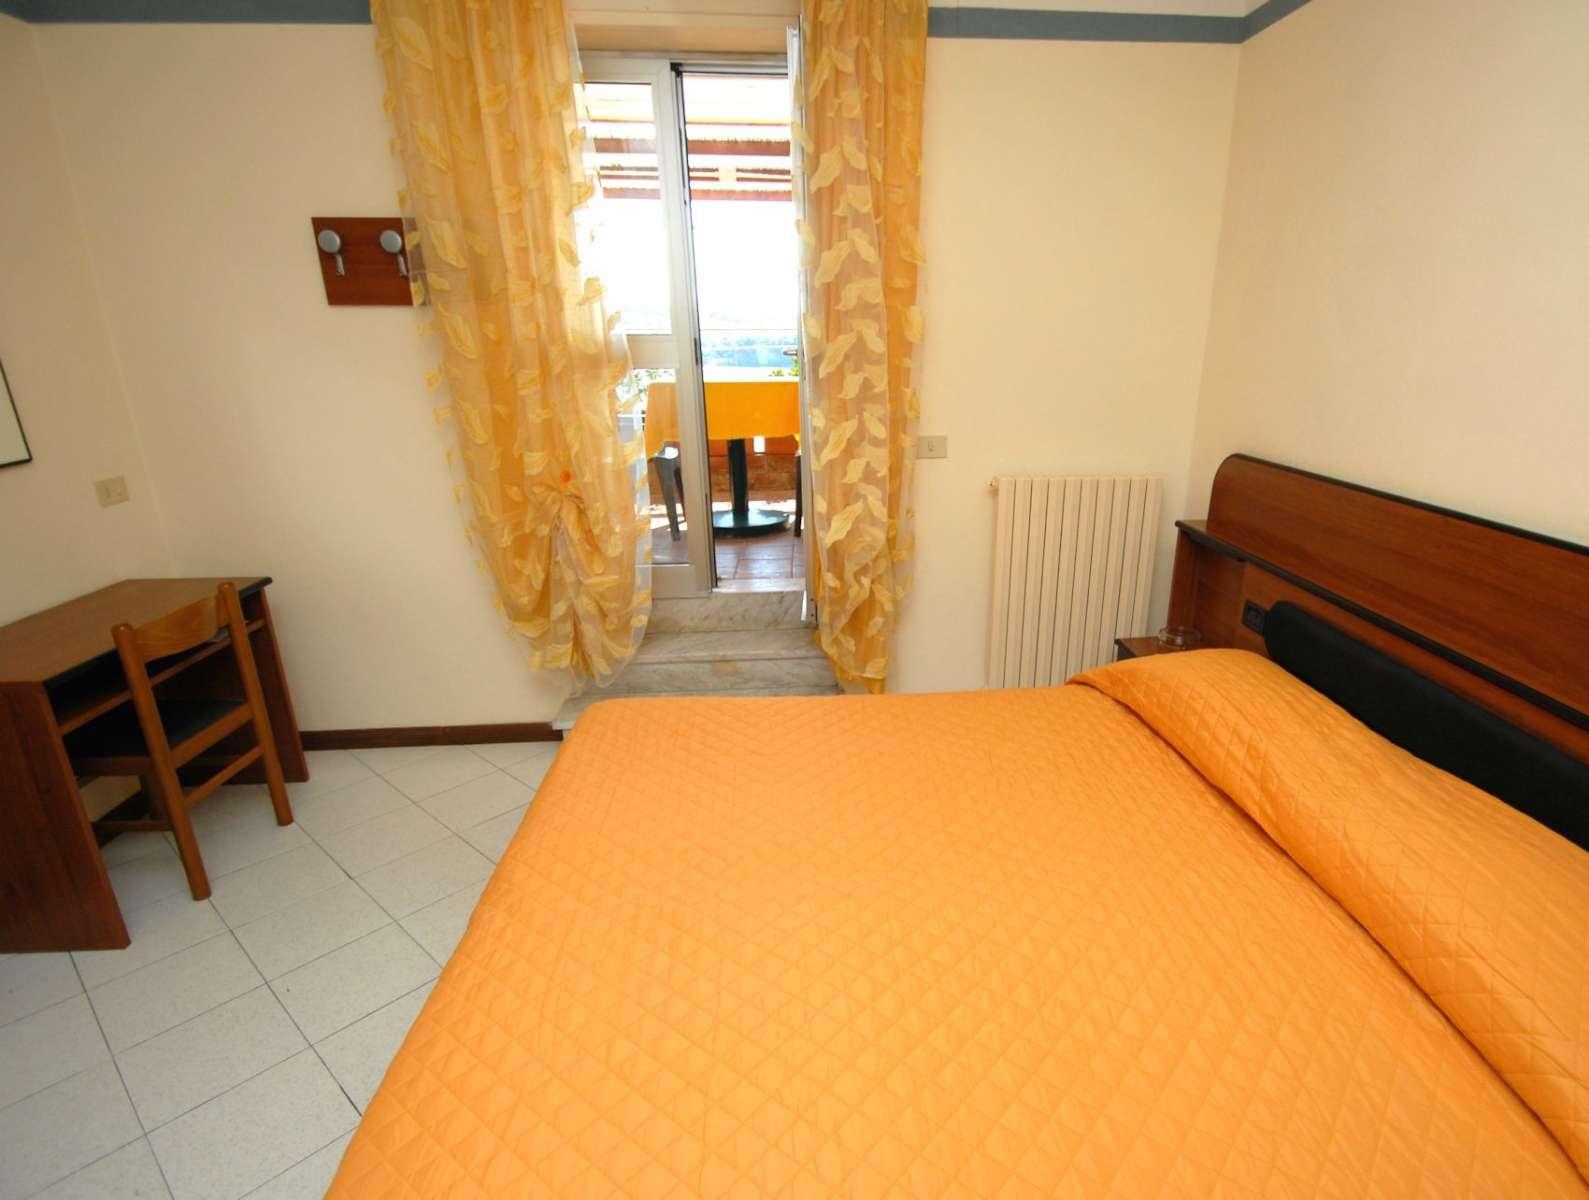 Doppelbettzimmer mit Terrasse an der Rezeption